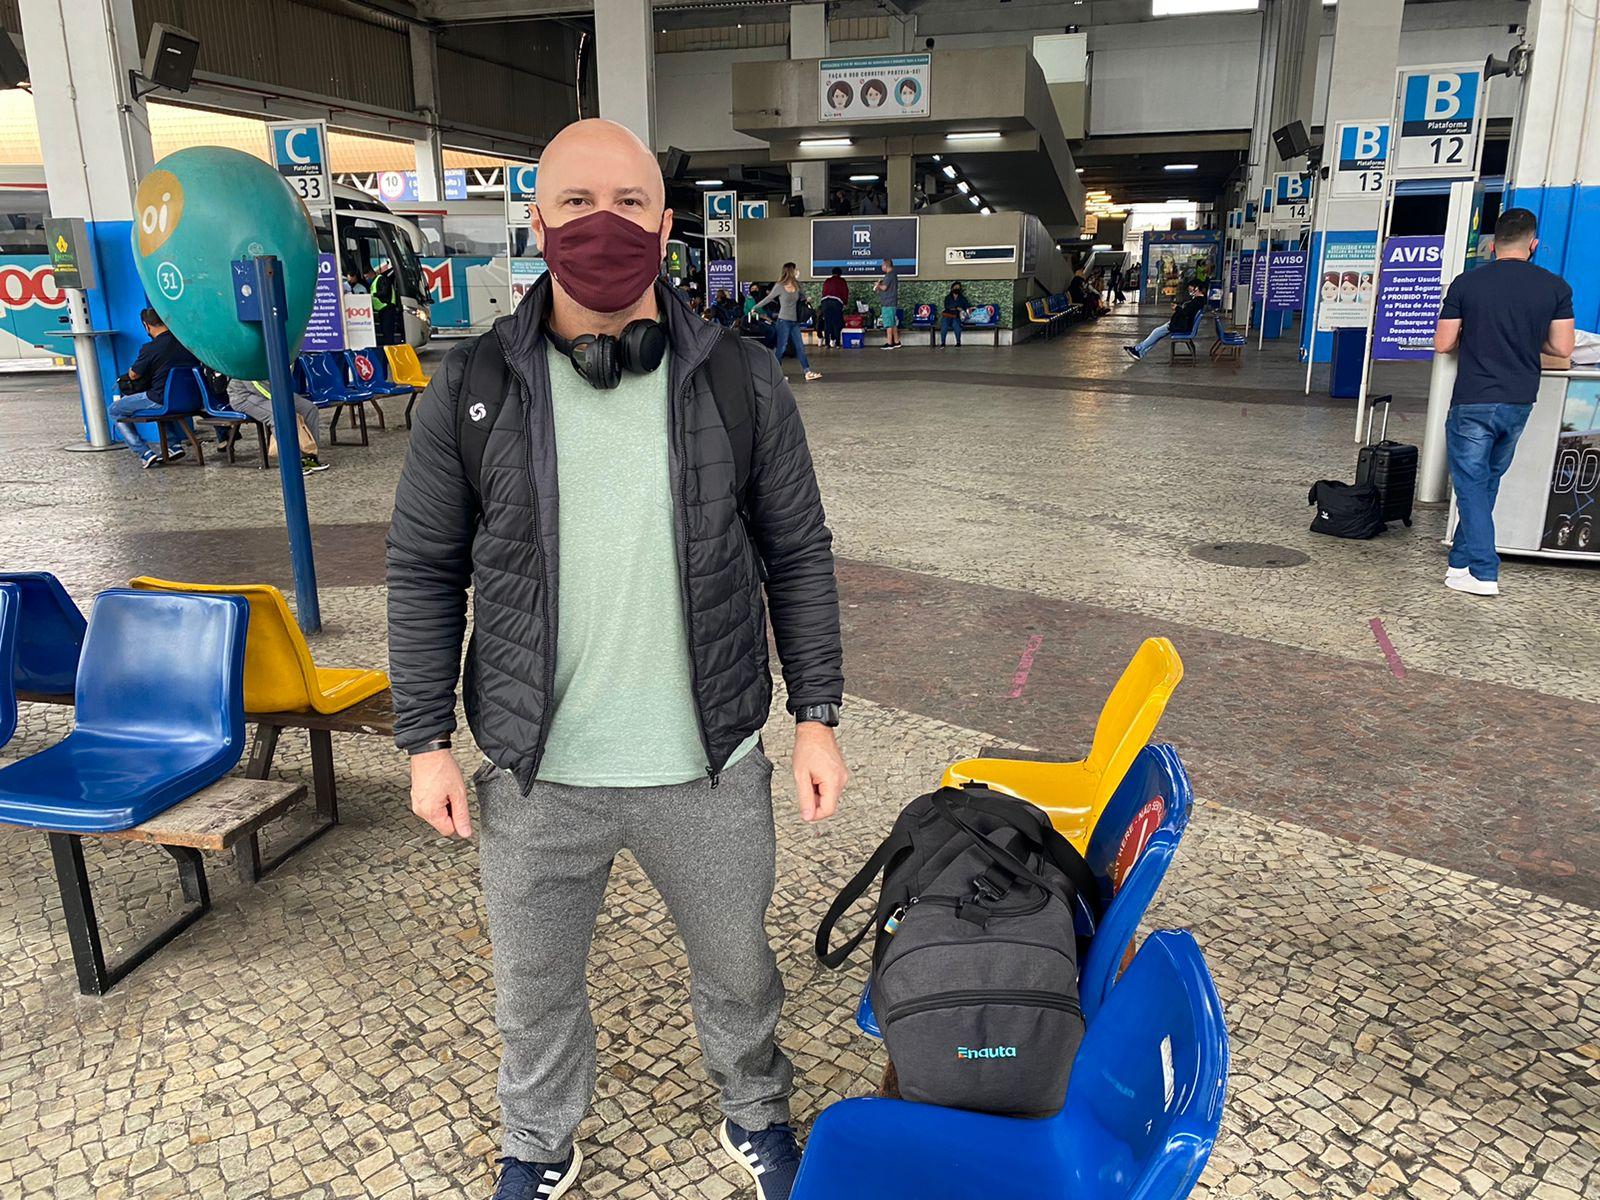 Cícero Pinheiro é um dos 20 mil passageiros que vão passar pela Rodoviária do Rio neste feriadão